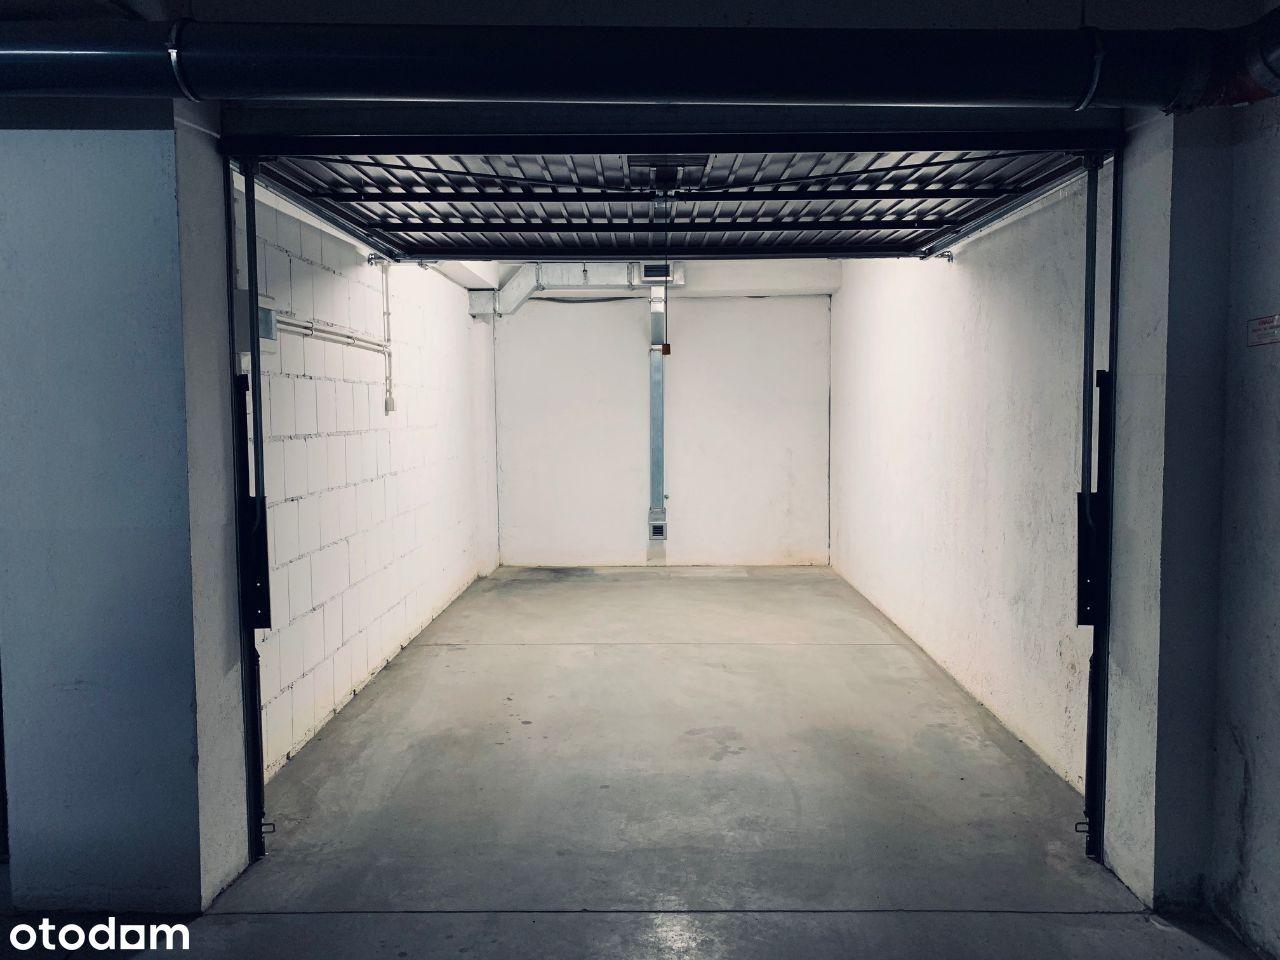 Garaż, Box Garażowy 15m2 w garażu podziemnym